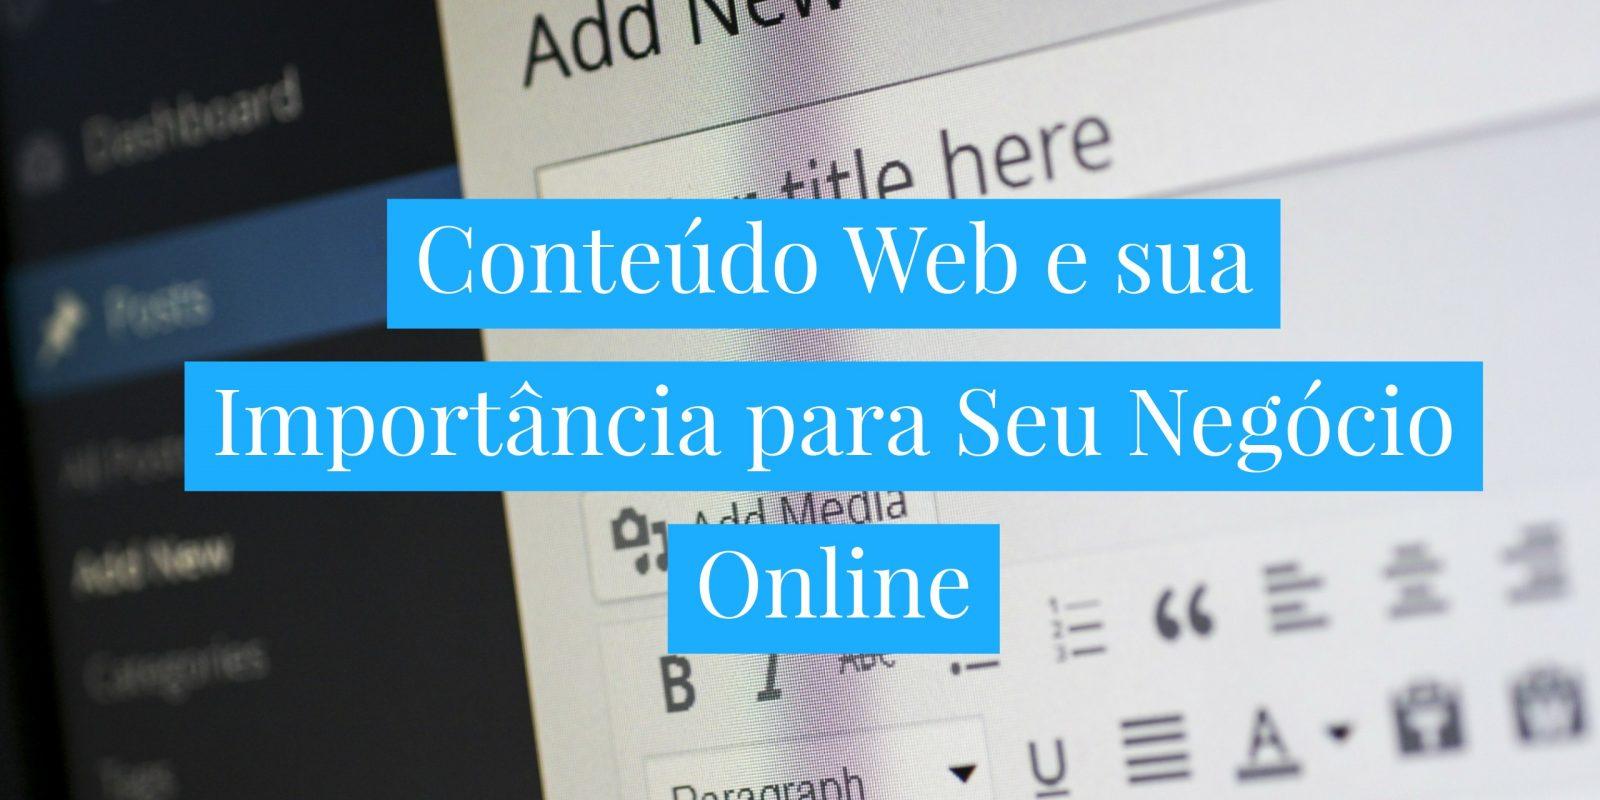 Conteudo web e Sua importância